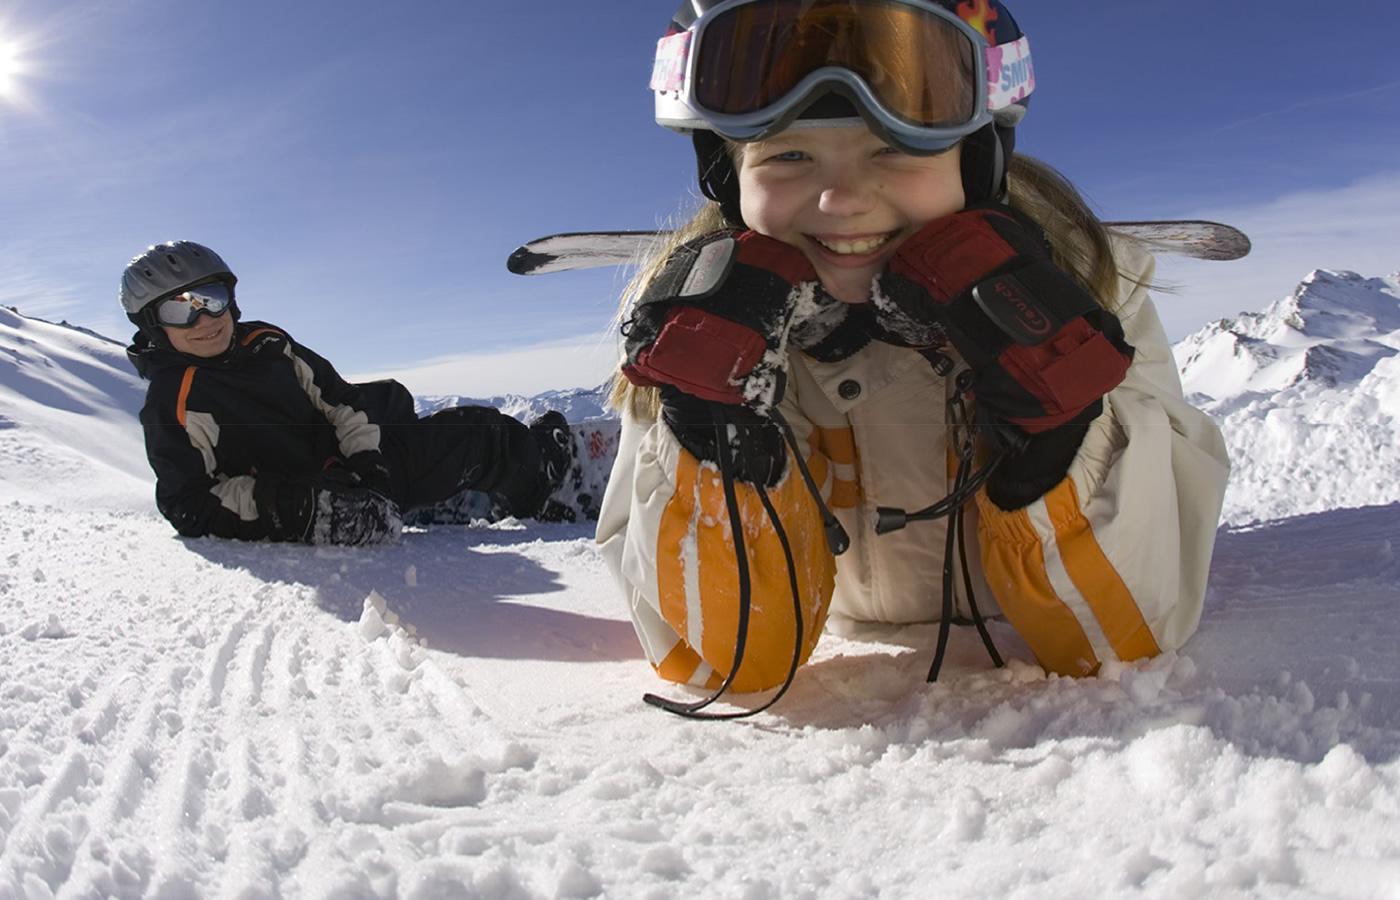 Kinder Snowboarden in Serfaus-Fiss-Ladis in Tirol - Österreich.